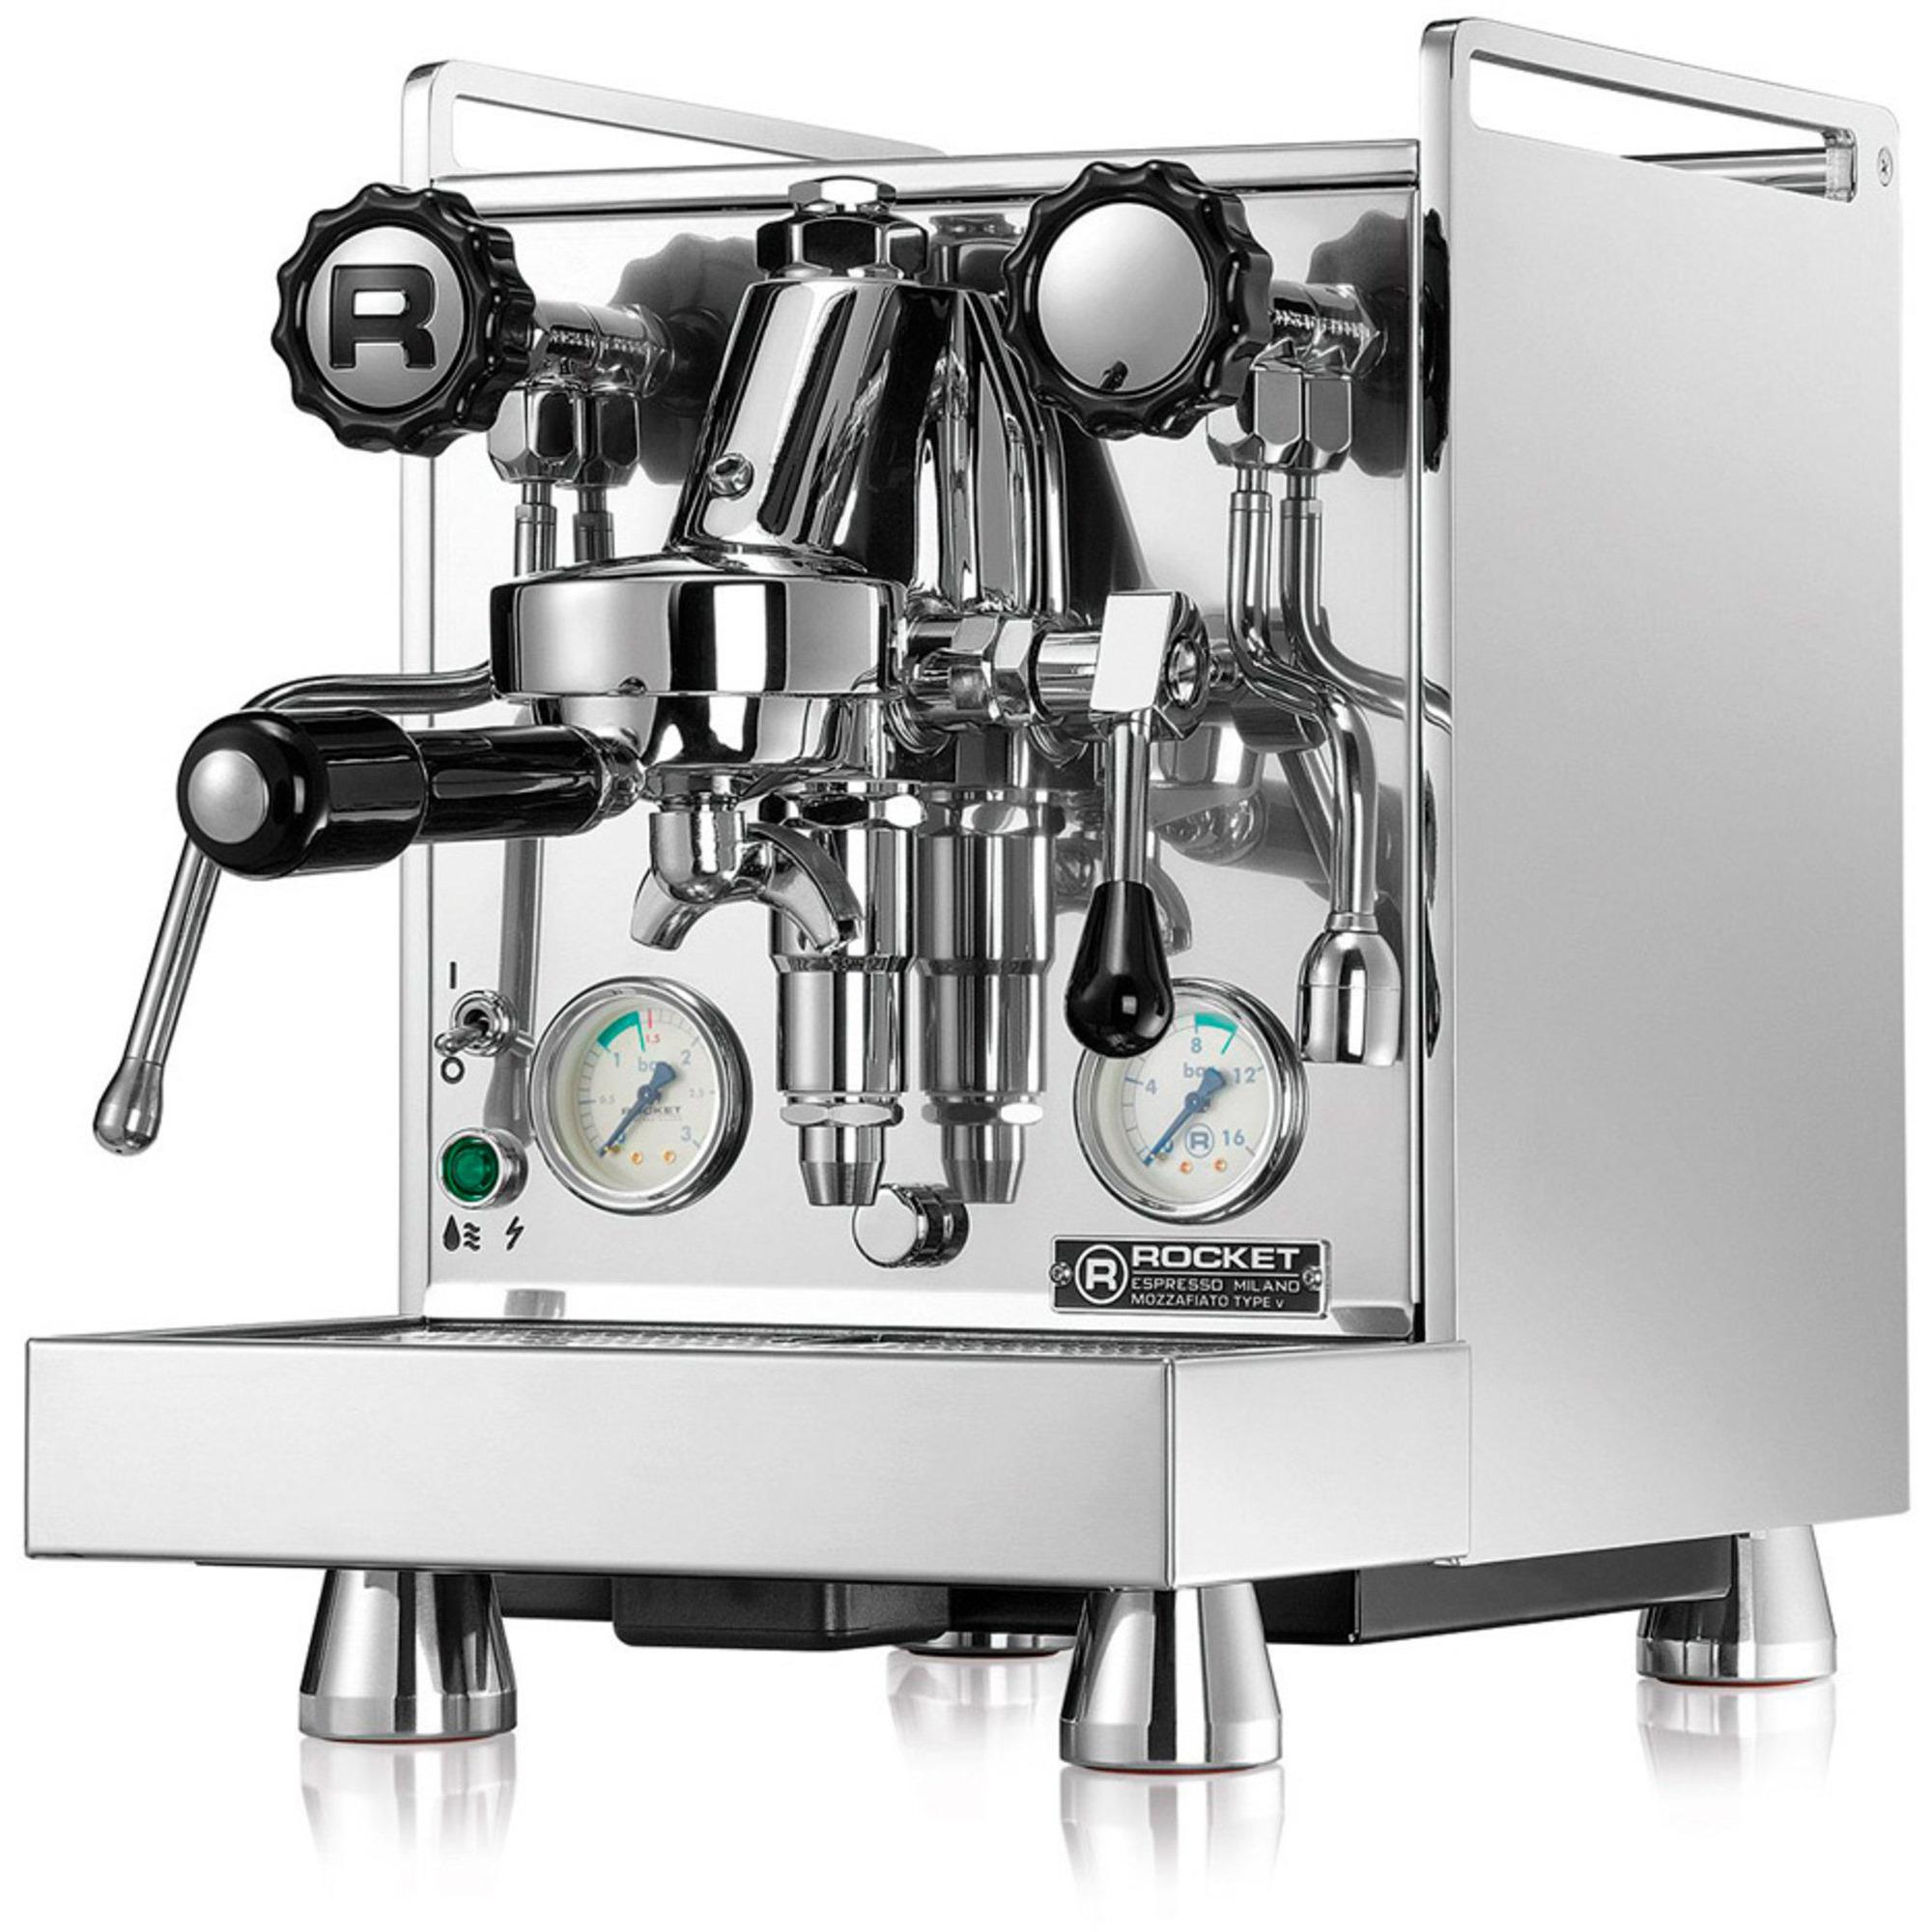 Rocket Mozzafiato Typ V Espressomaskin